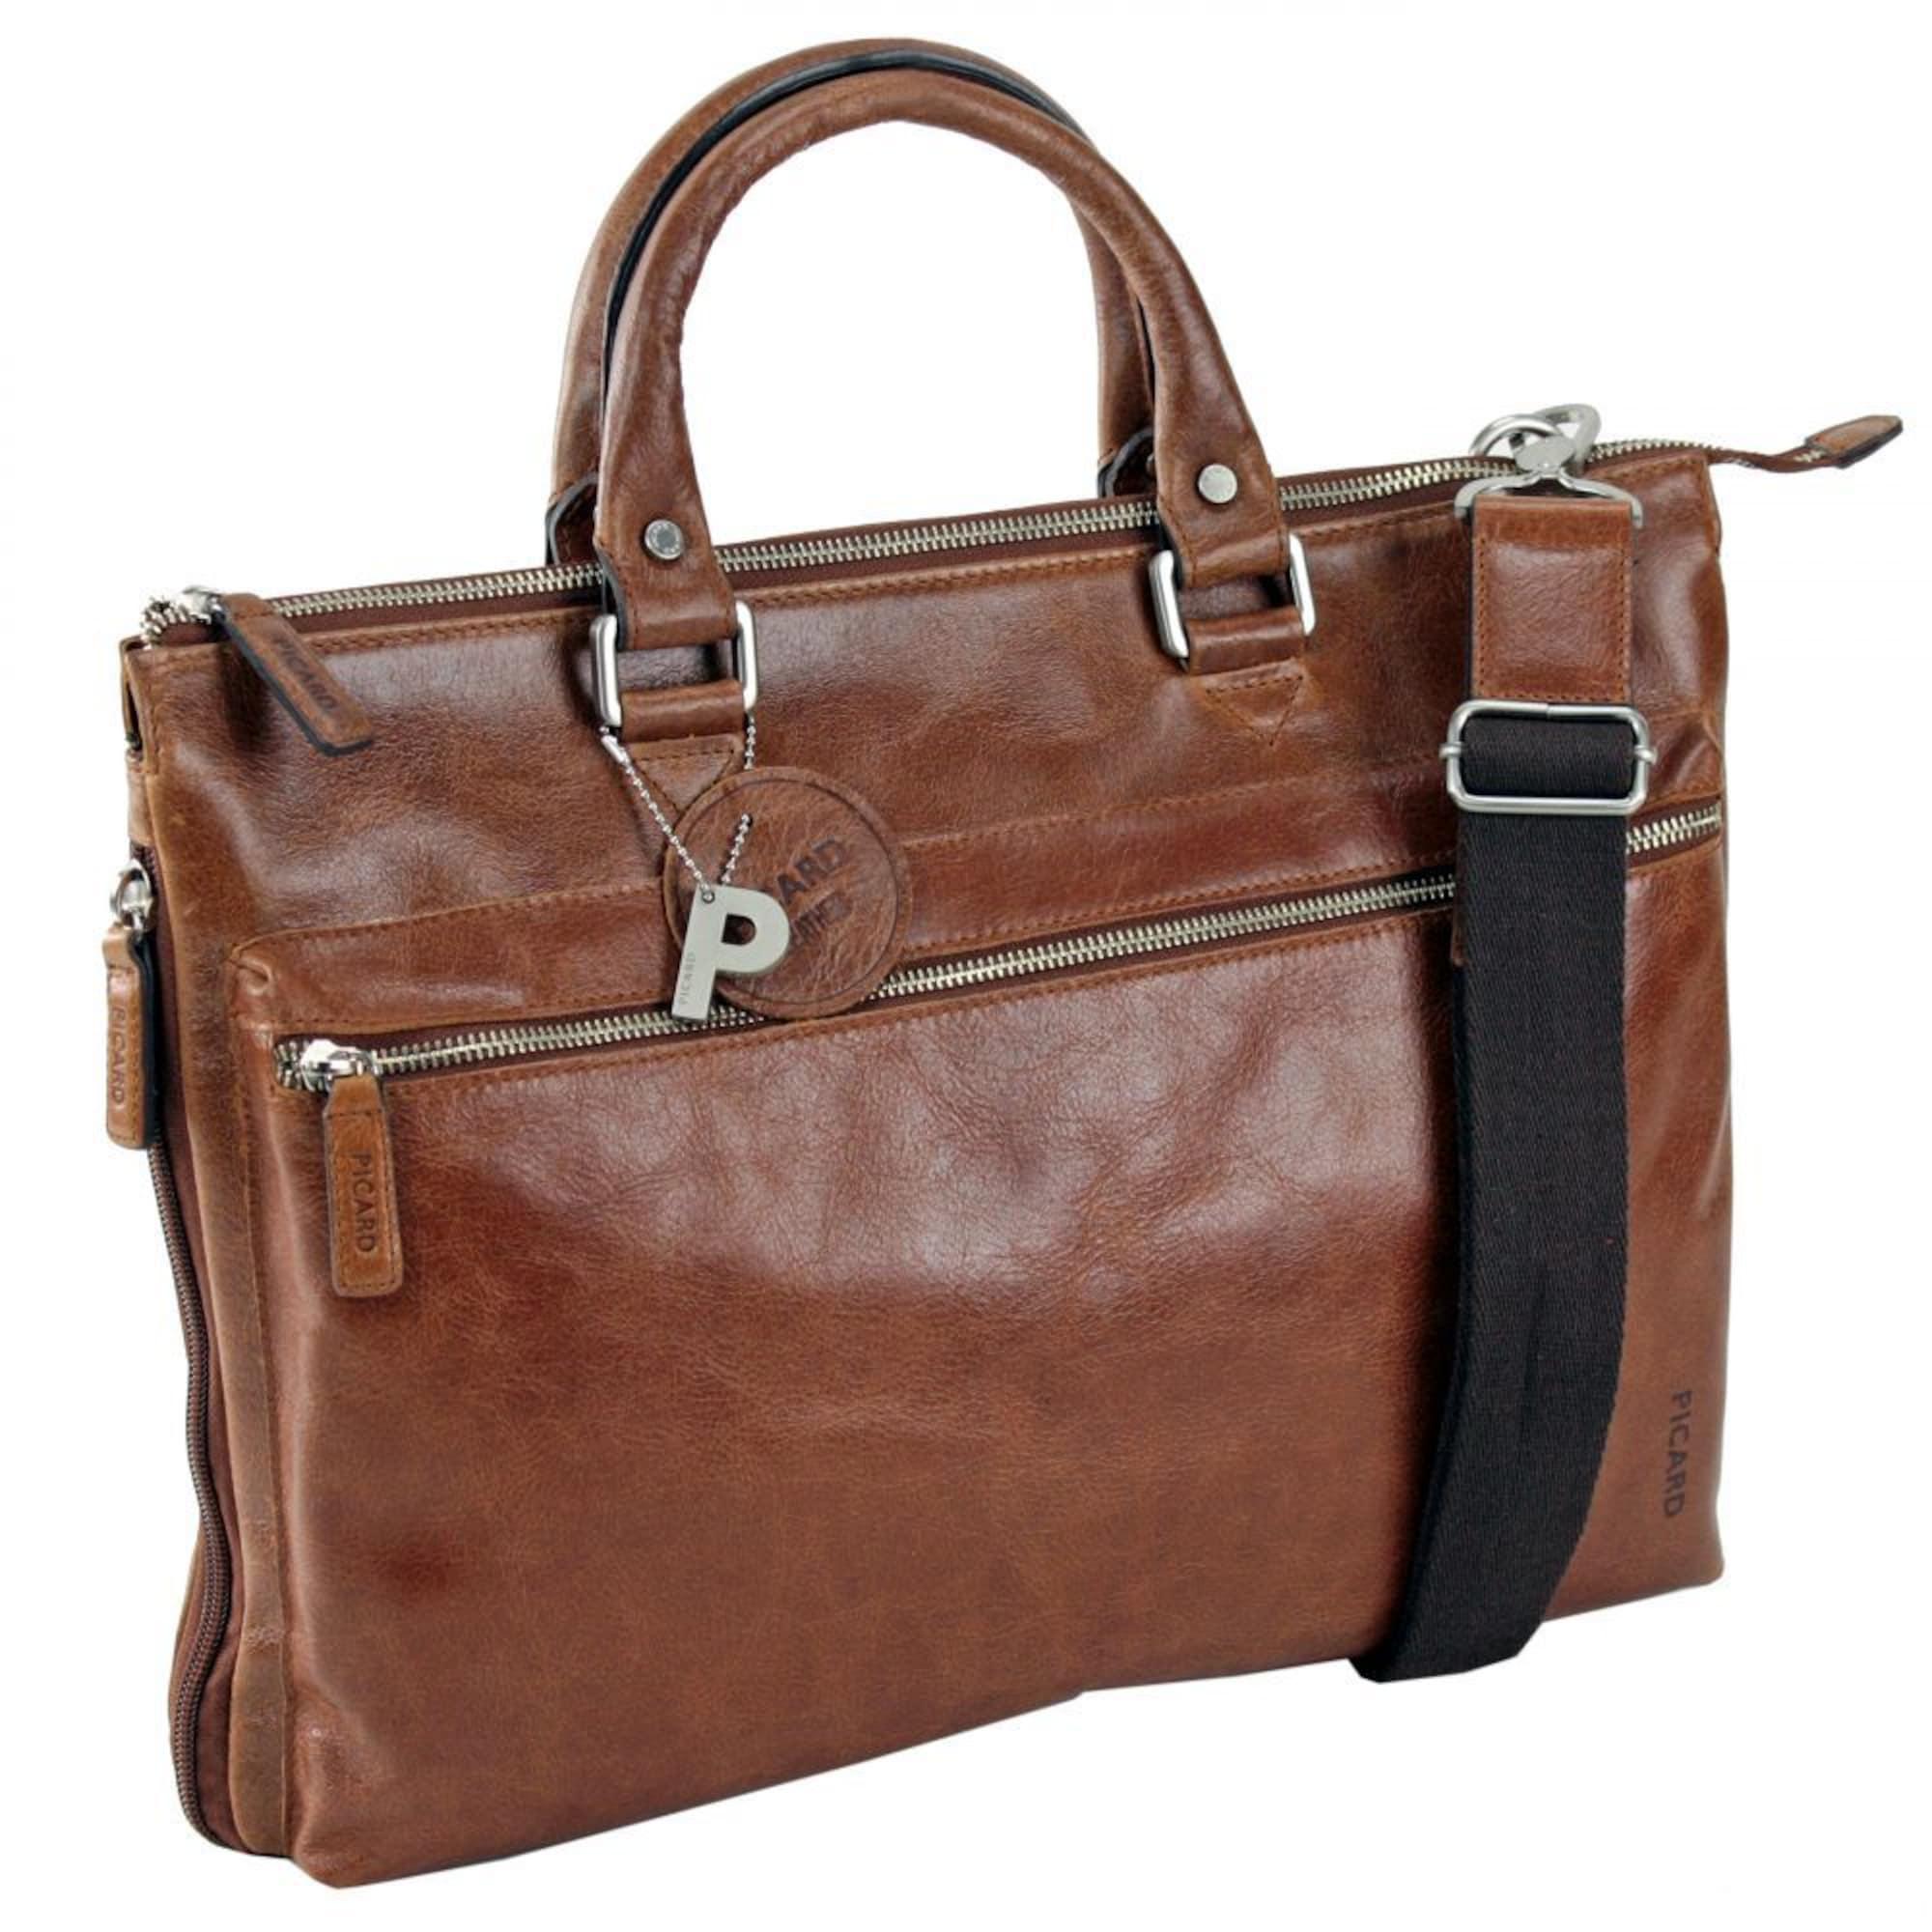 Buddy Business-Tasche Leder  41 cm | Taschen > Business Taschen > Sonstige Businesstaschen | Cognac | Picard